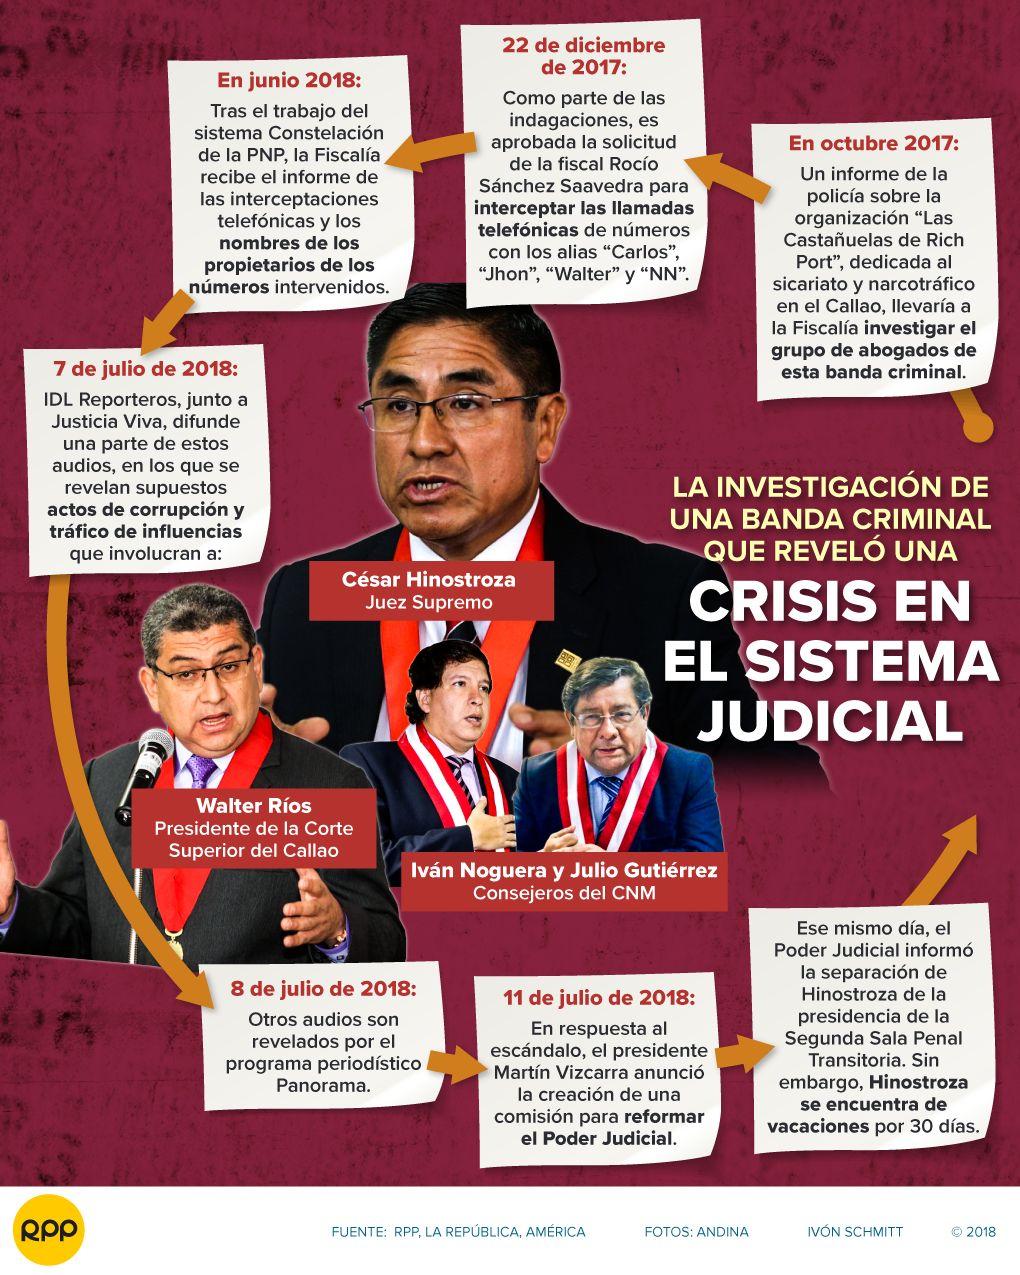 Cronología inicial del caso que remece a la Justicia peruana.